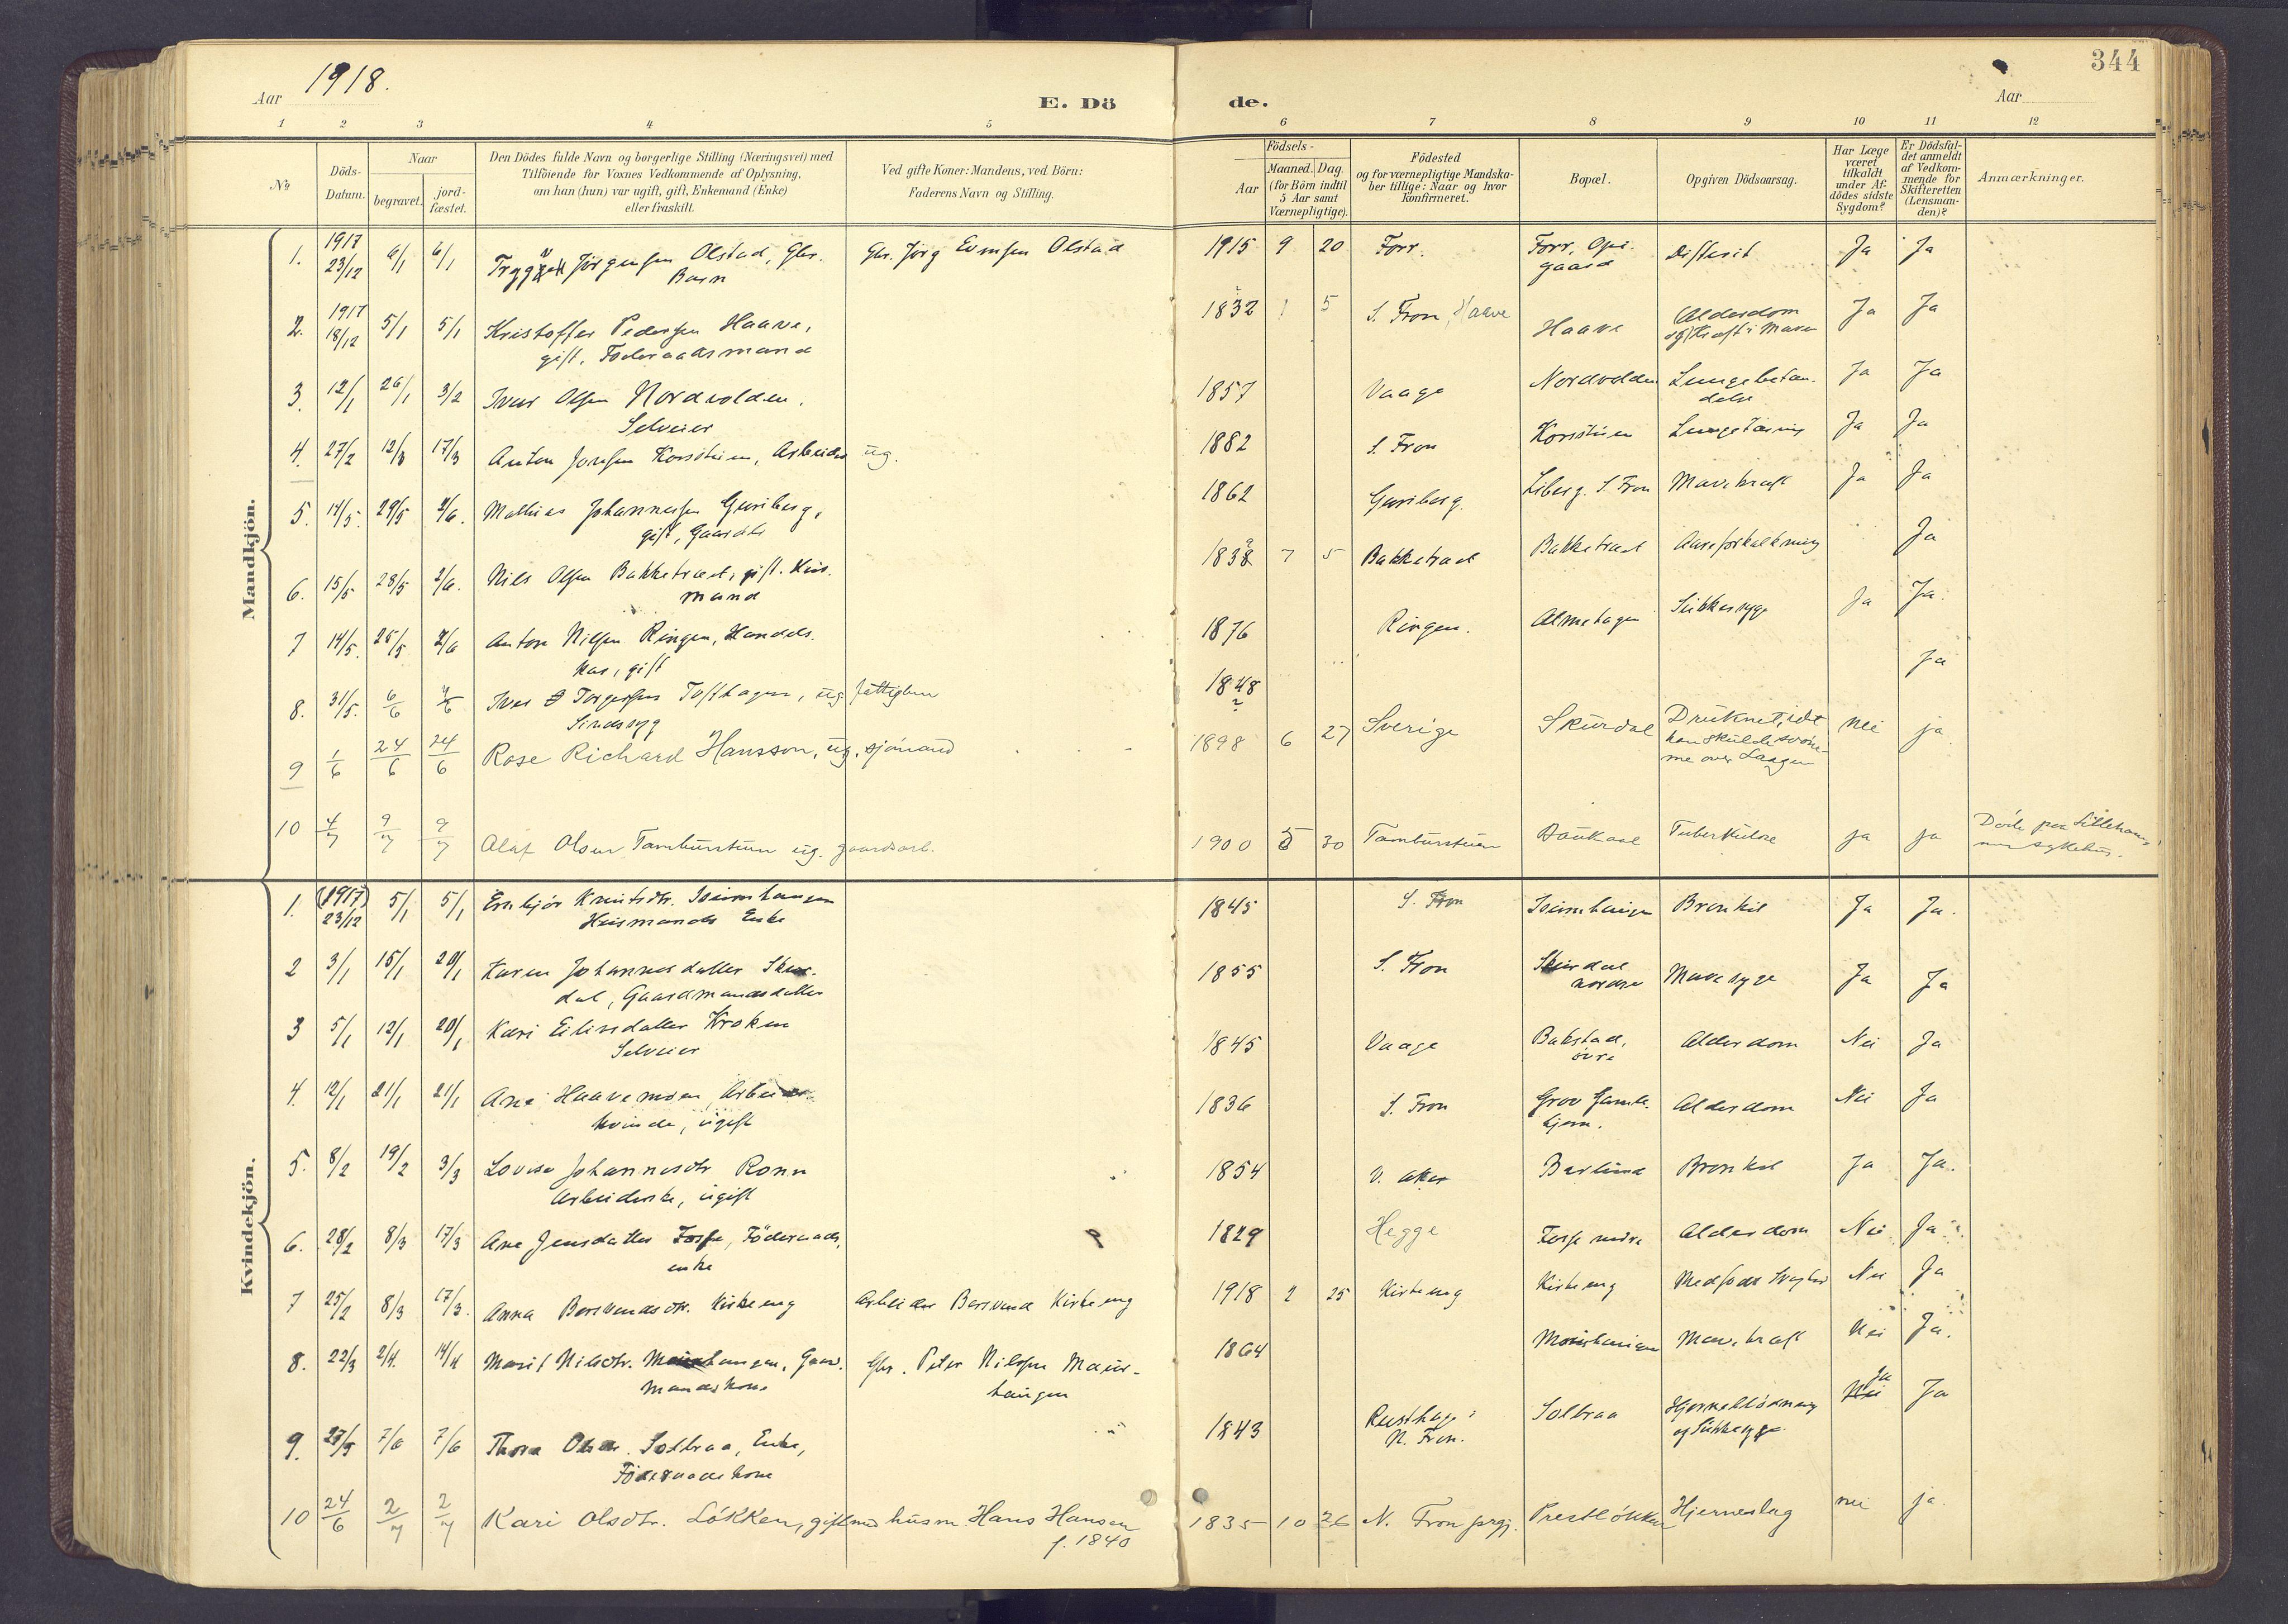 SAH, Sør-Fron prestekontor, H/Ha/Haa/L0004: Ministerialbok nr. 4, 1898-1919, s. 344